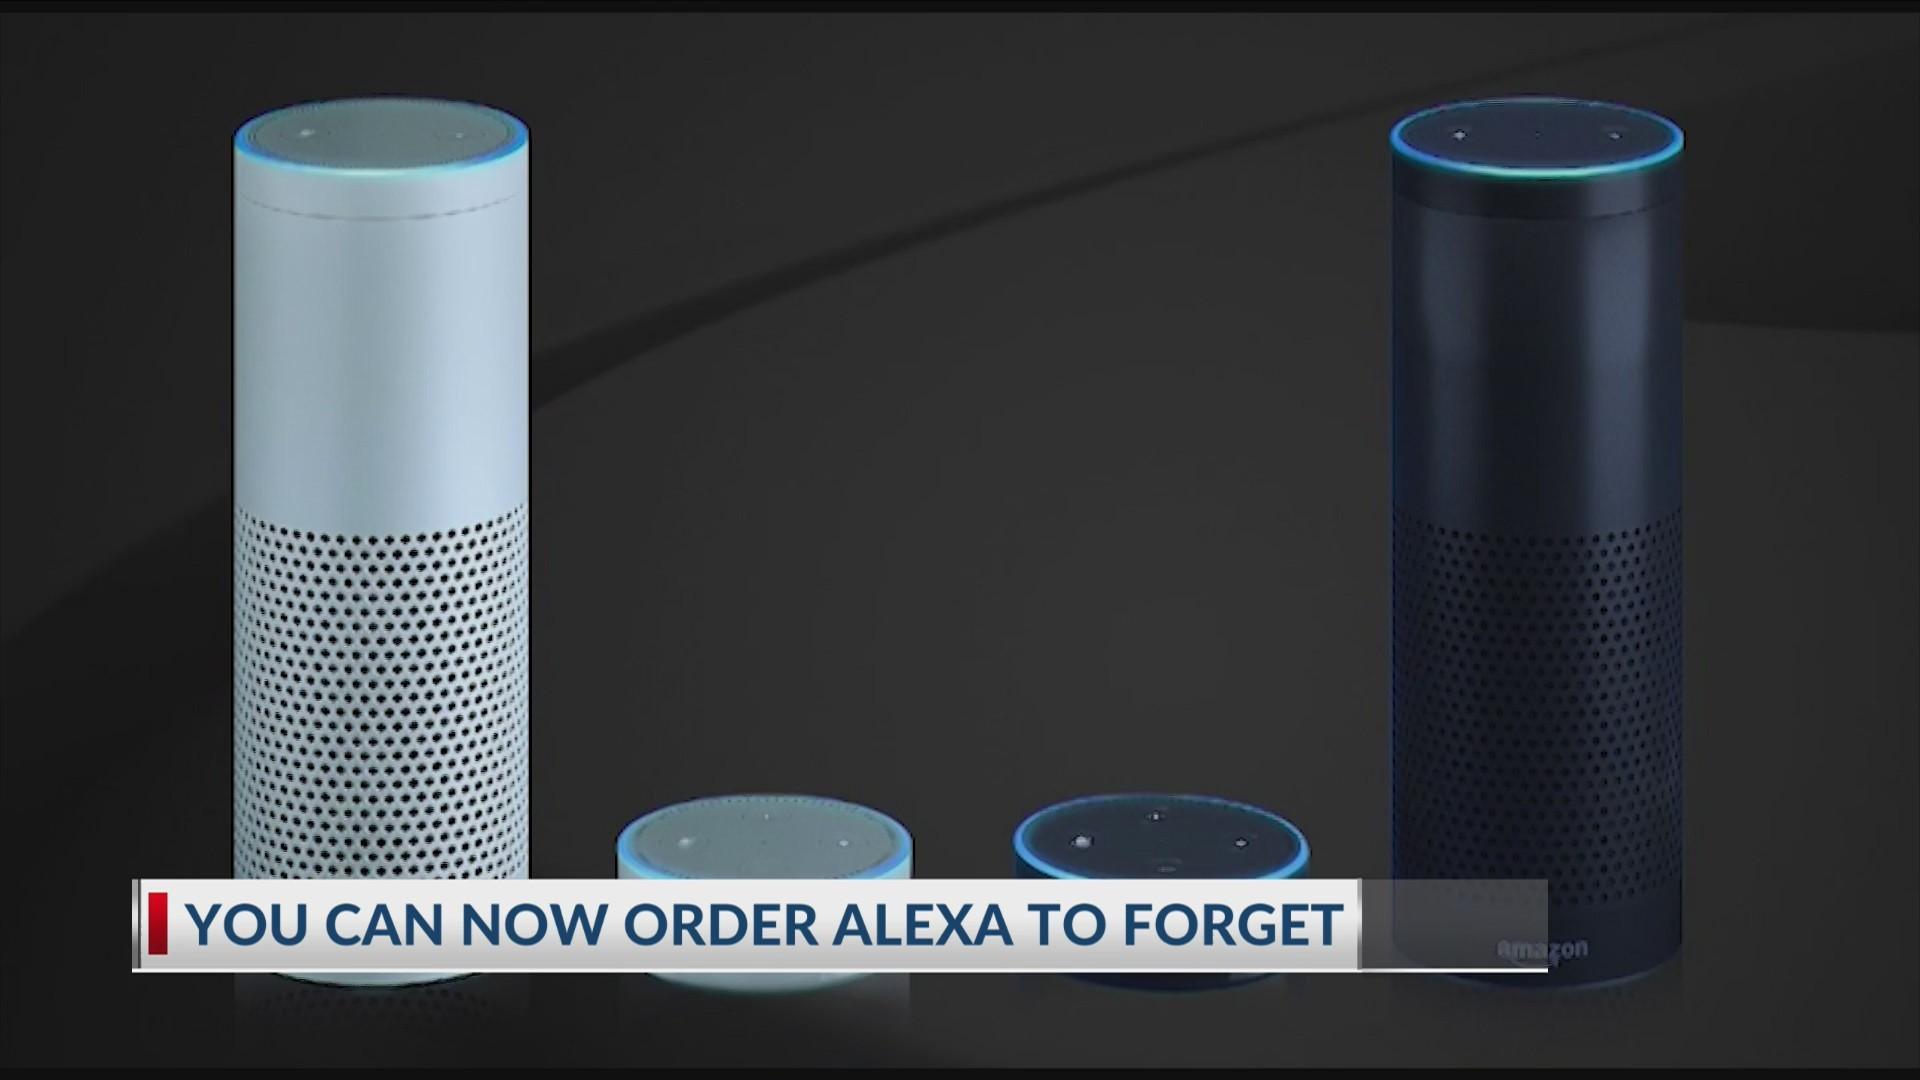 Order Amazon Alexa to Forget